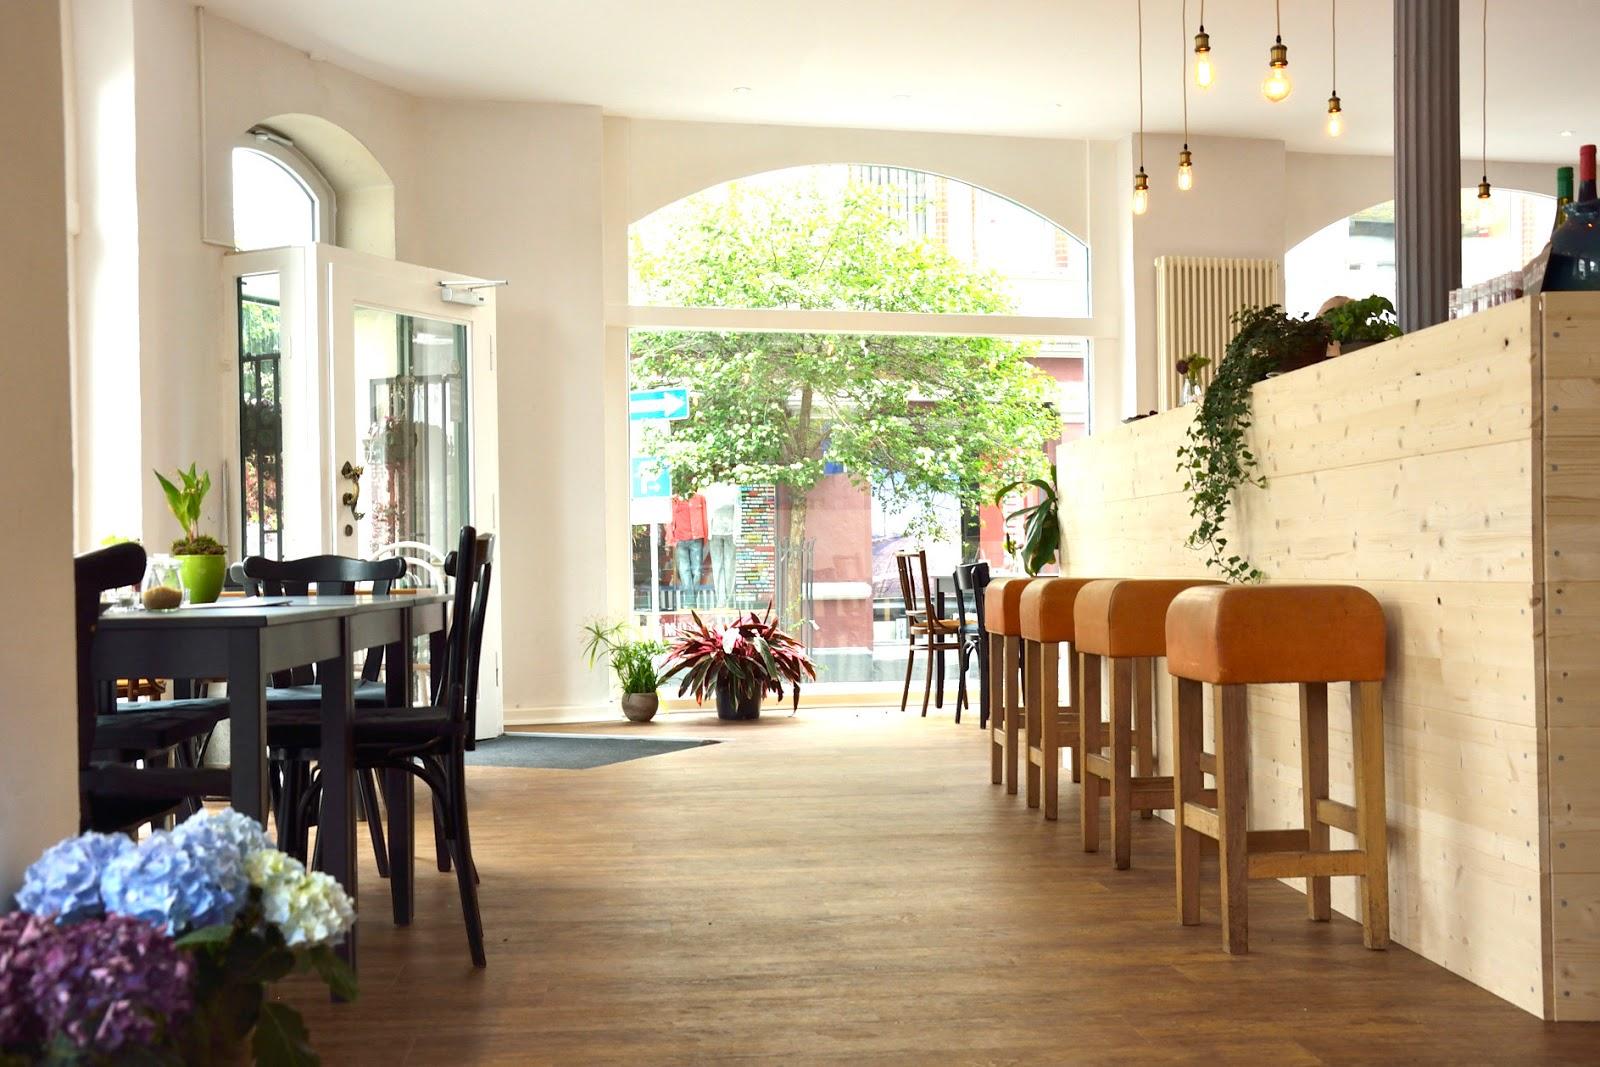 Cafe Wohnzimmer Schl U00fcchtern